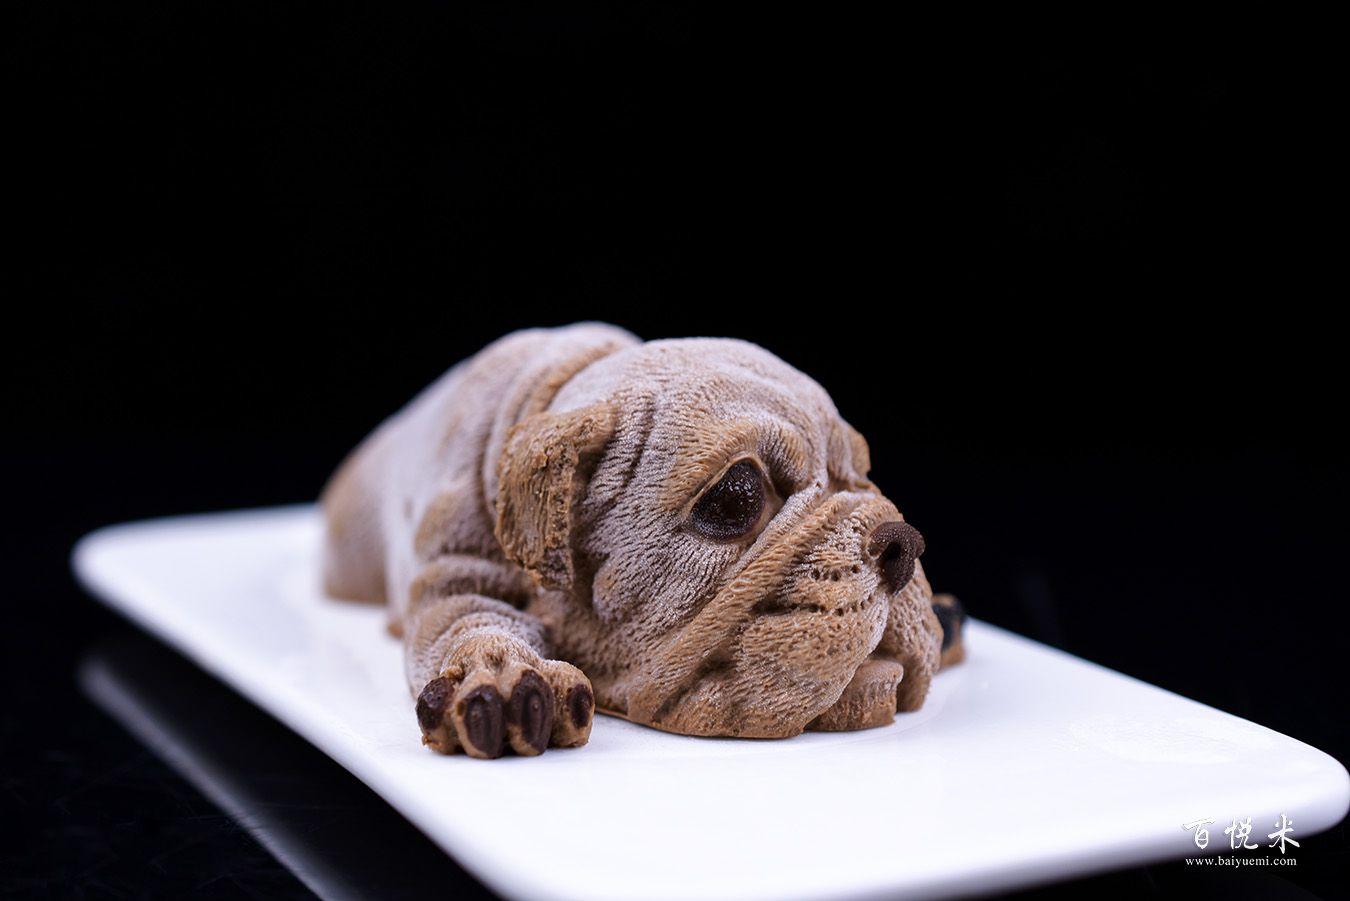 网红狗狗慕斯蛋糕高清图片大全【蛋糕图片】_1240